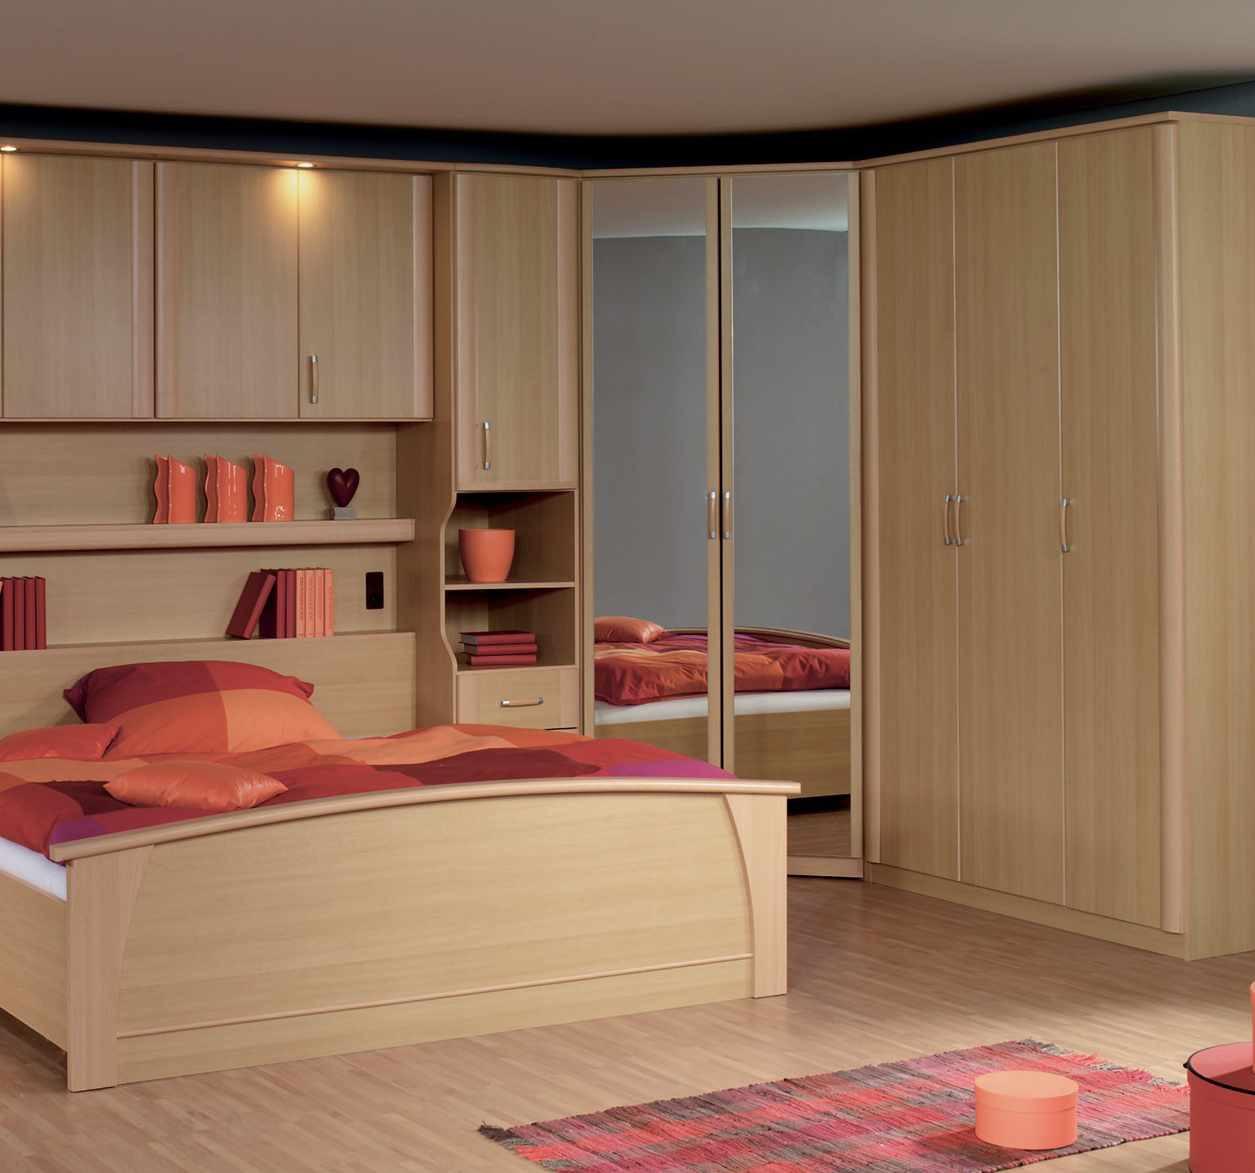 Угловой шкаф в интерьере спальни ламинированный